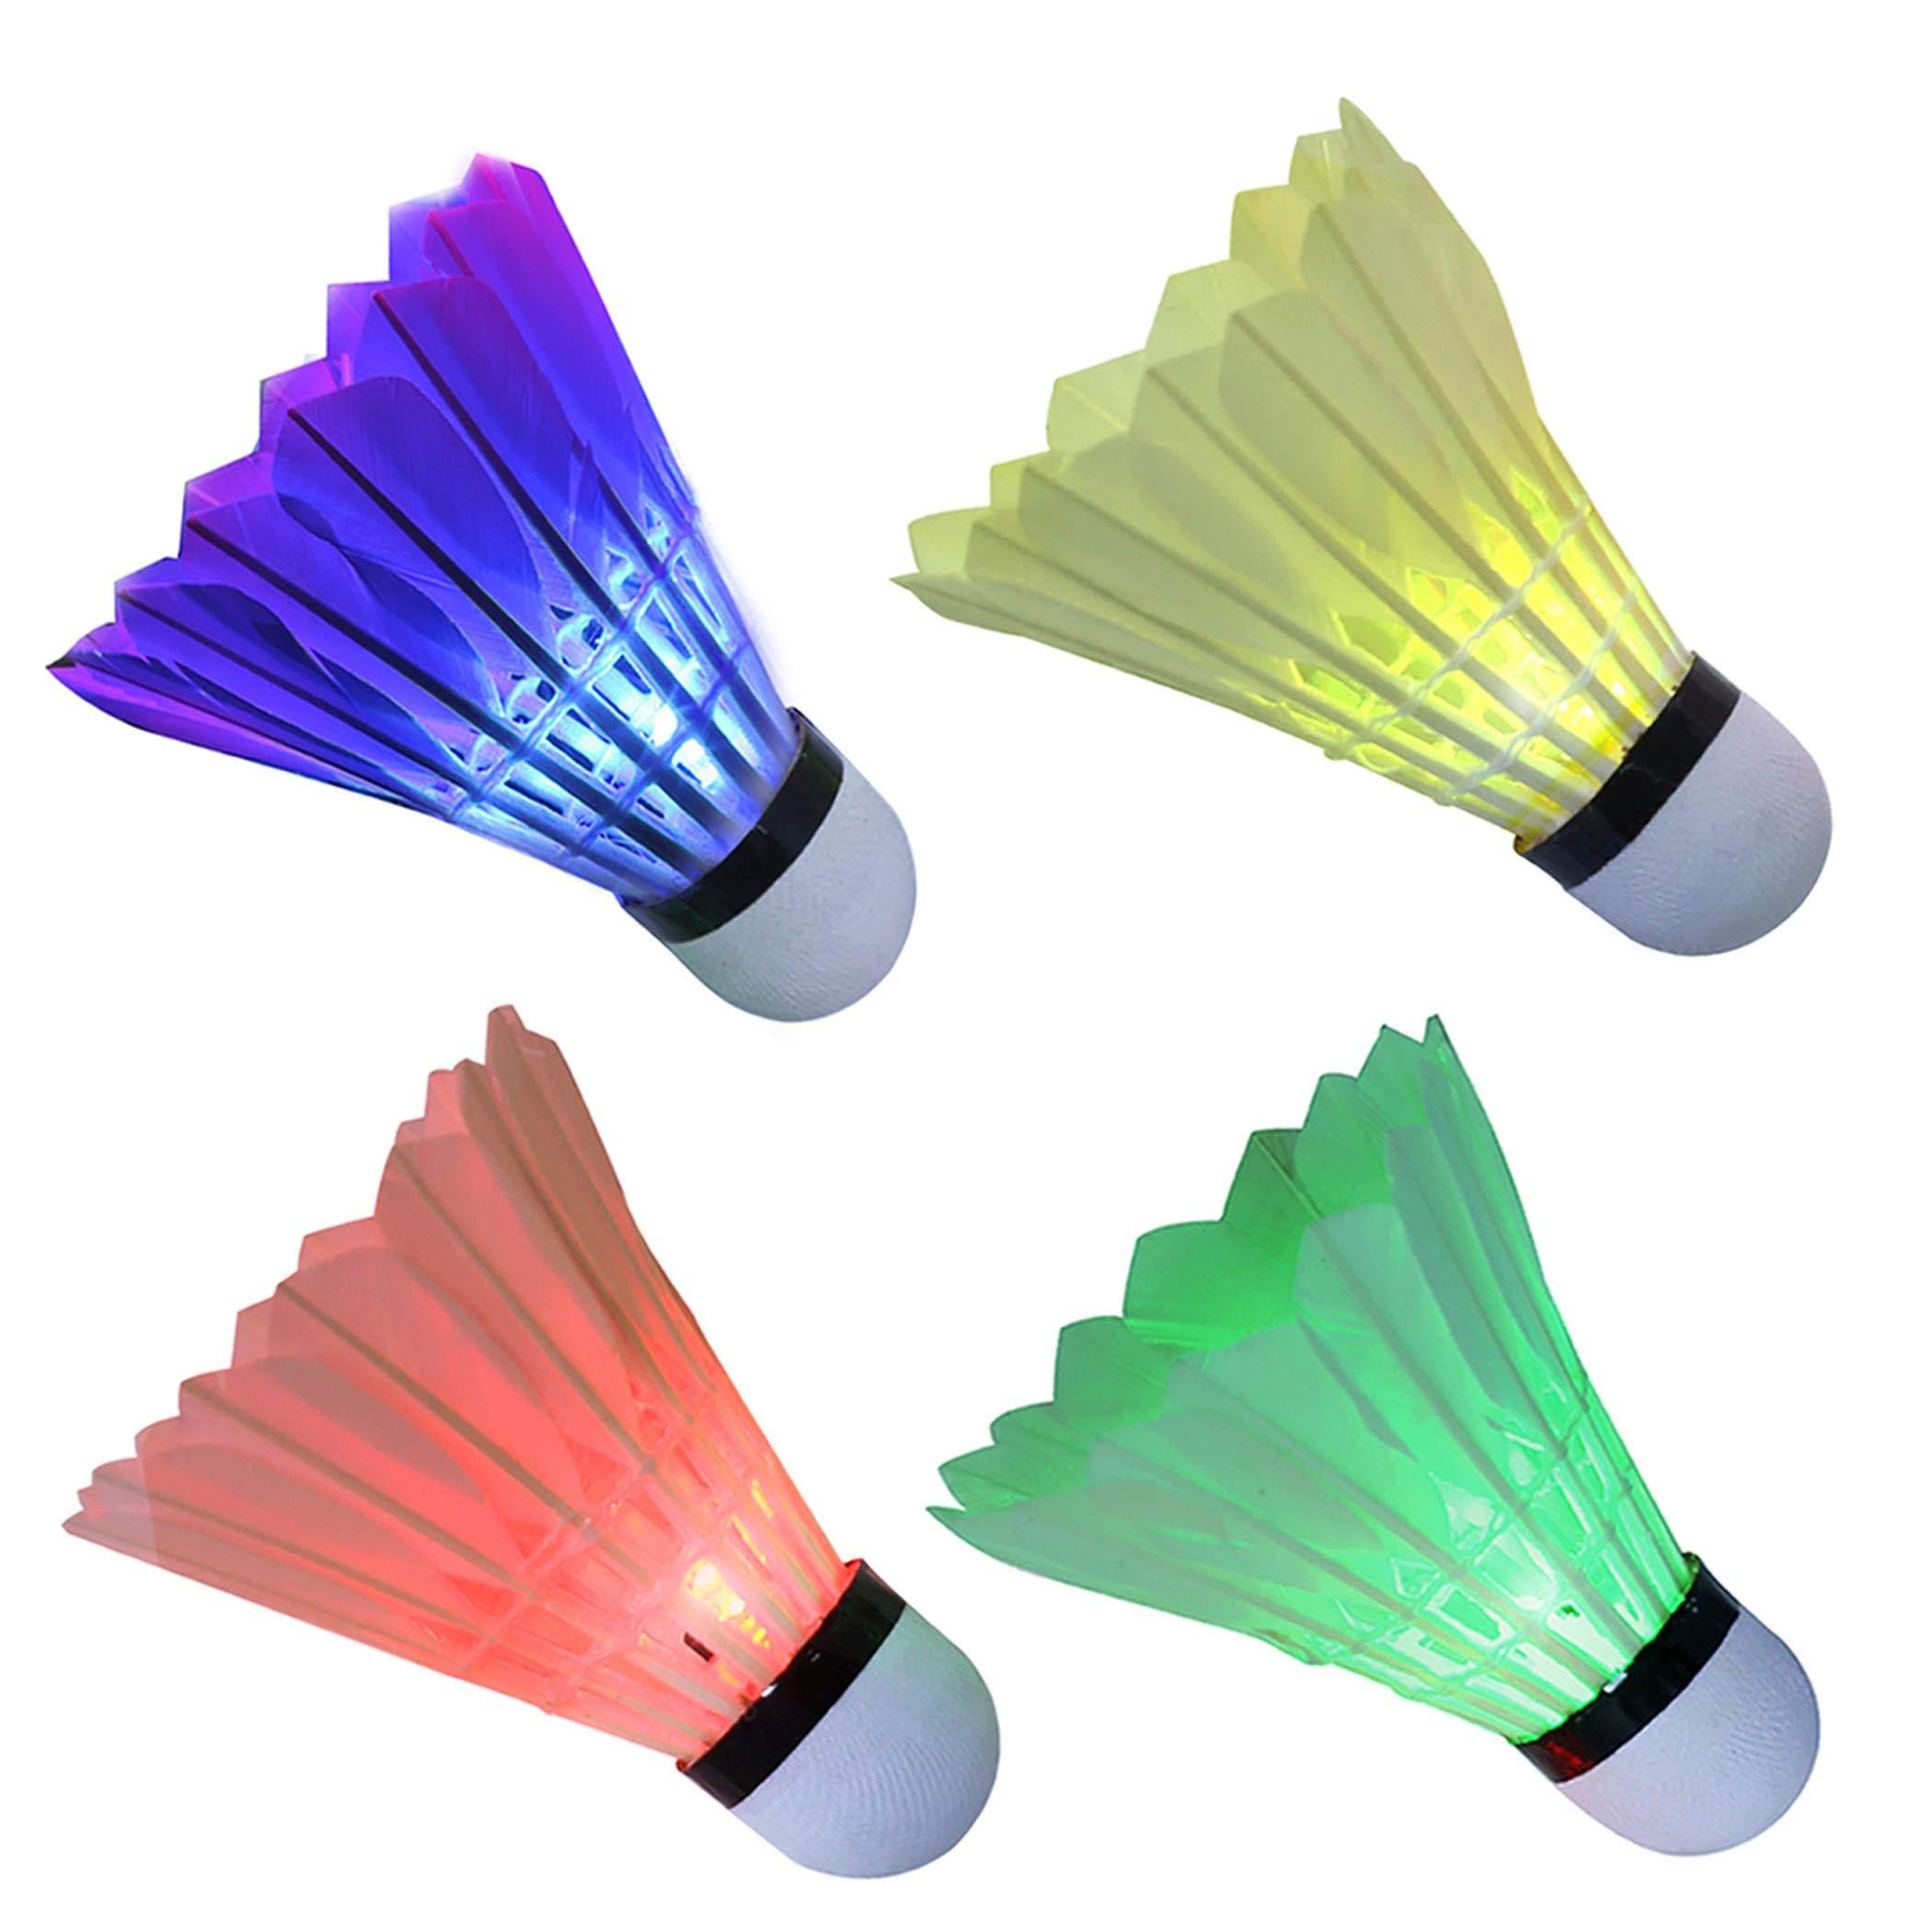 Franklin Sports LED Light-Up Shuttlecocks 3 Pack